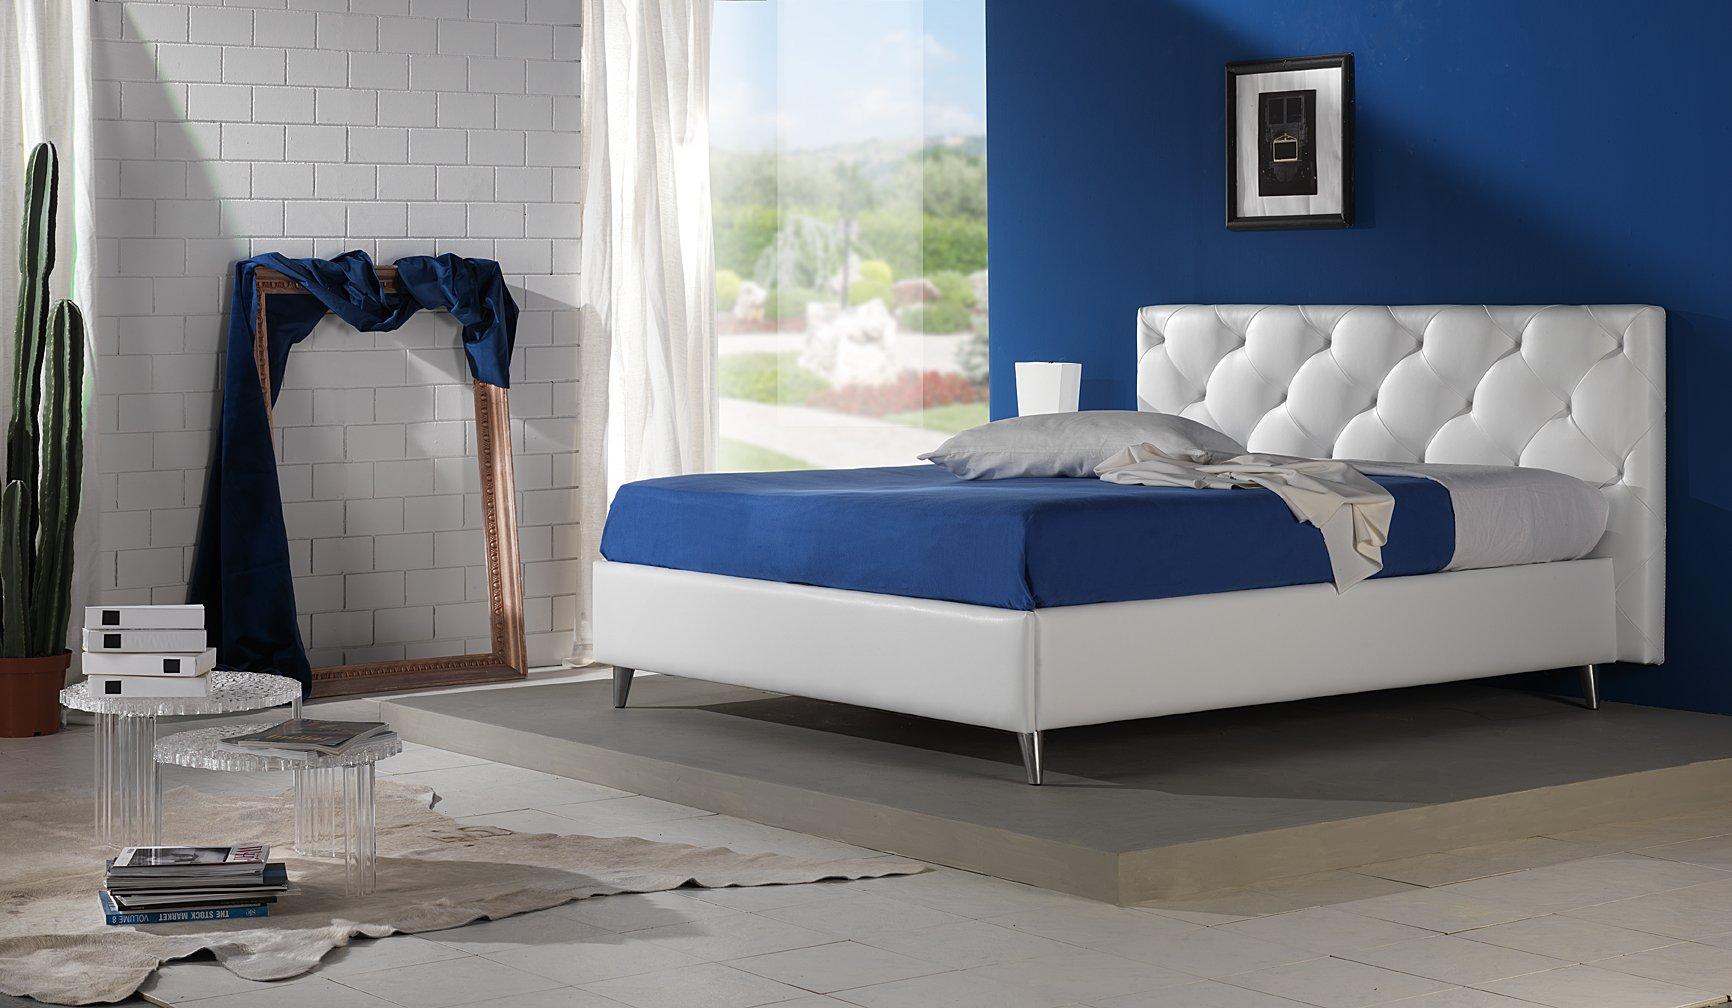 letto con incasso bianco e coperta blu